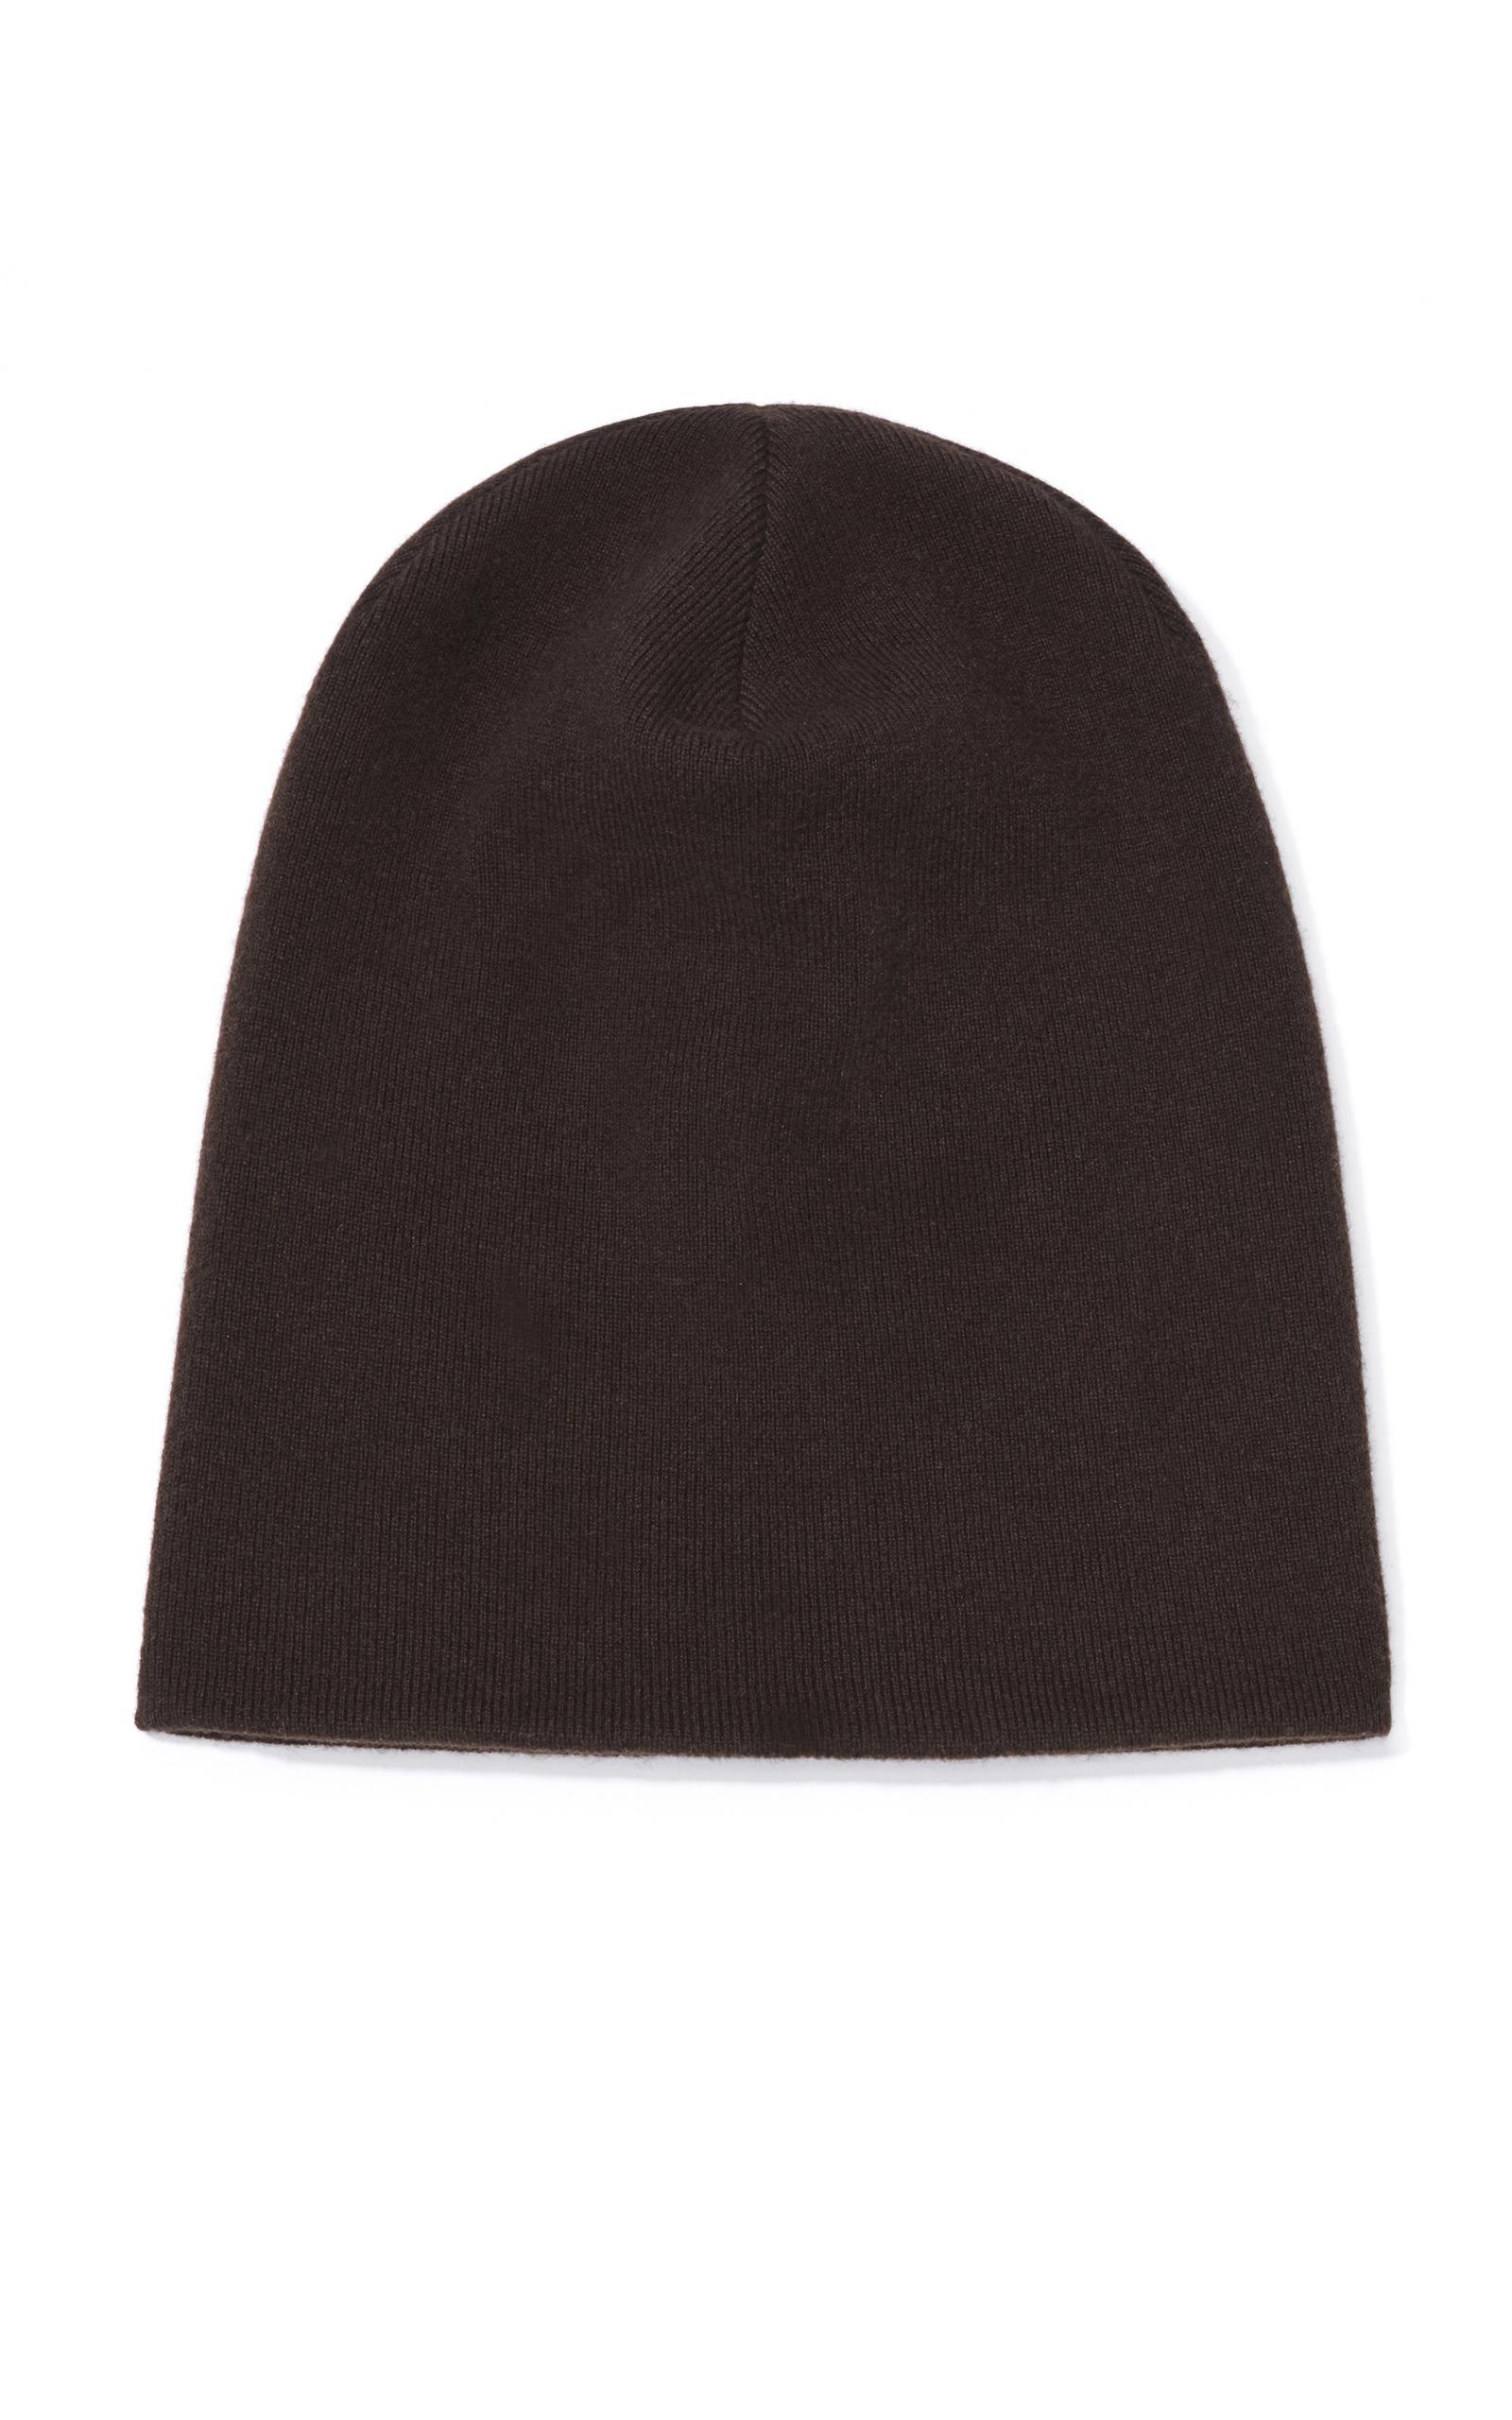 Brown Stocking Cap 120